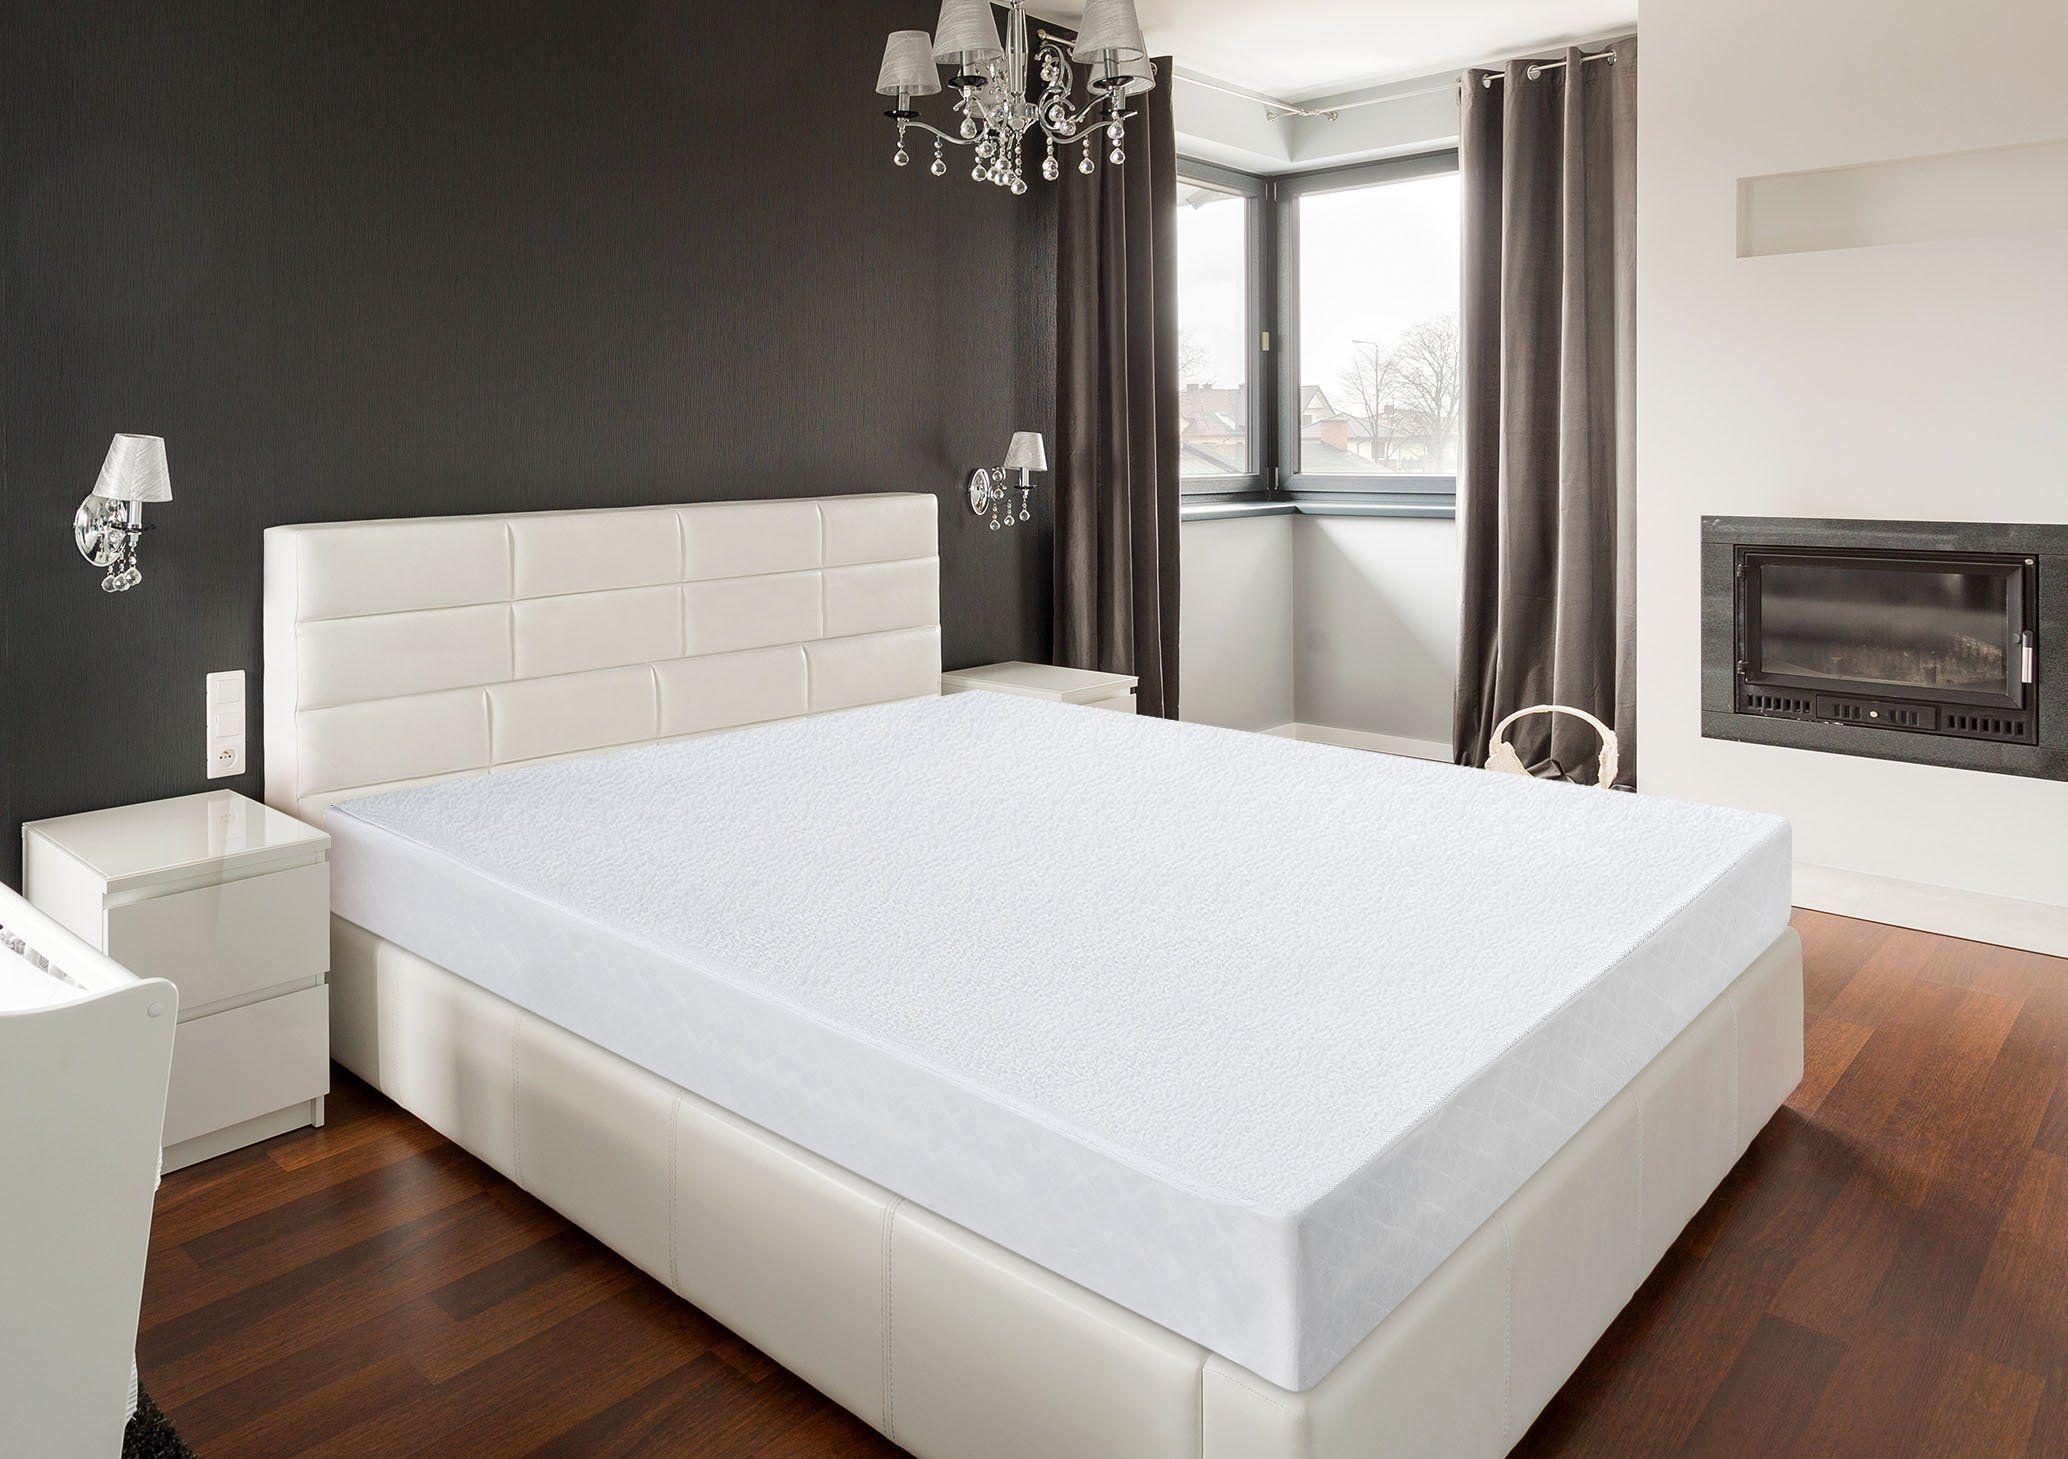 Utopia Bedding Premium Hypoallergenic Waterproof Mattress Protector Vinyl Free